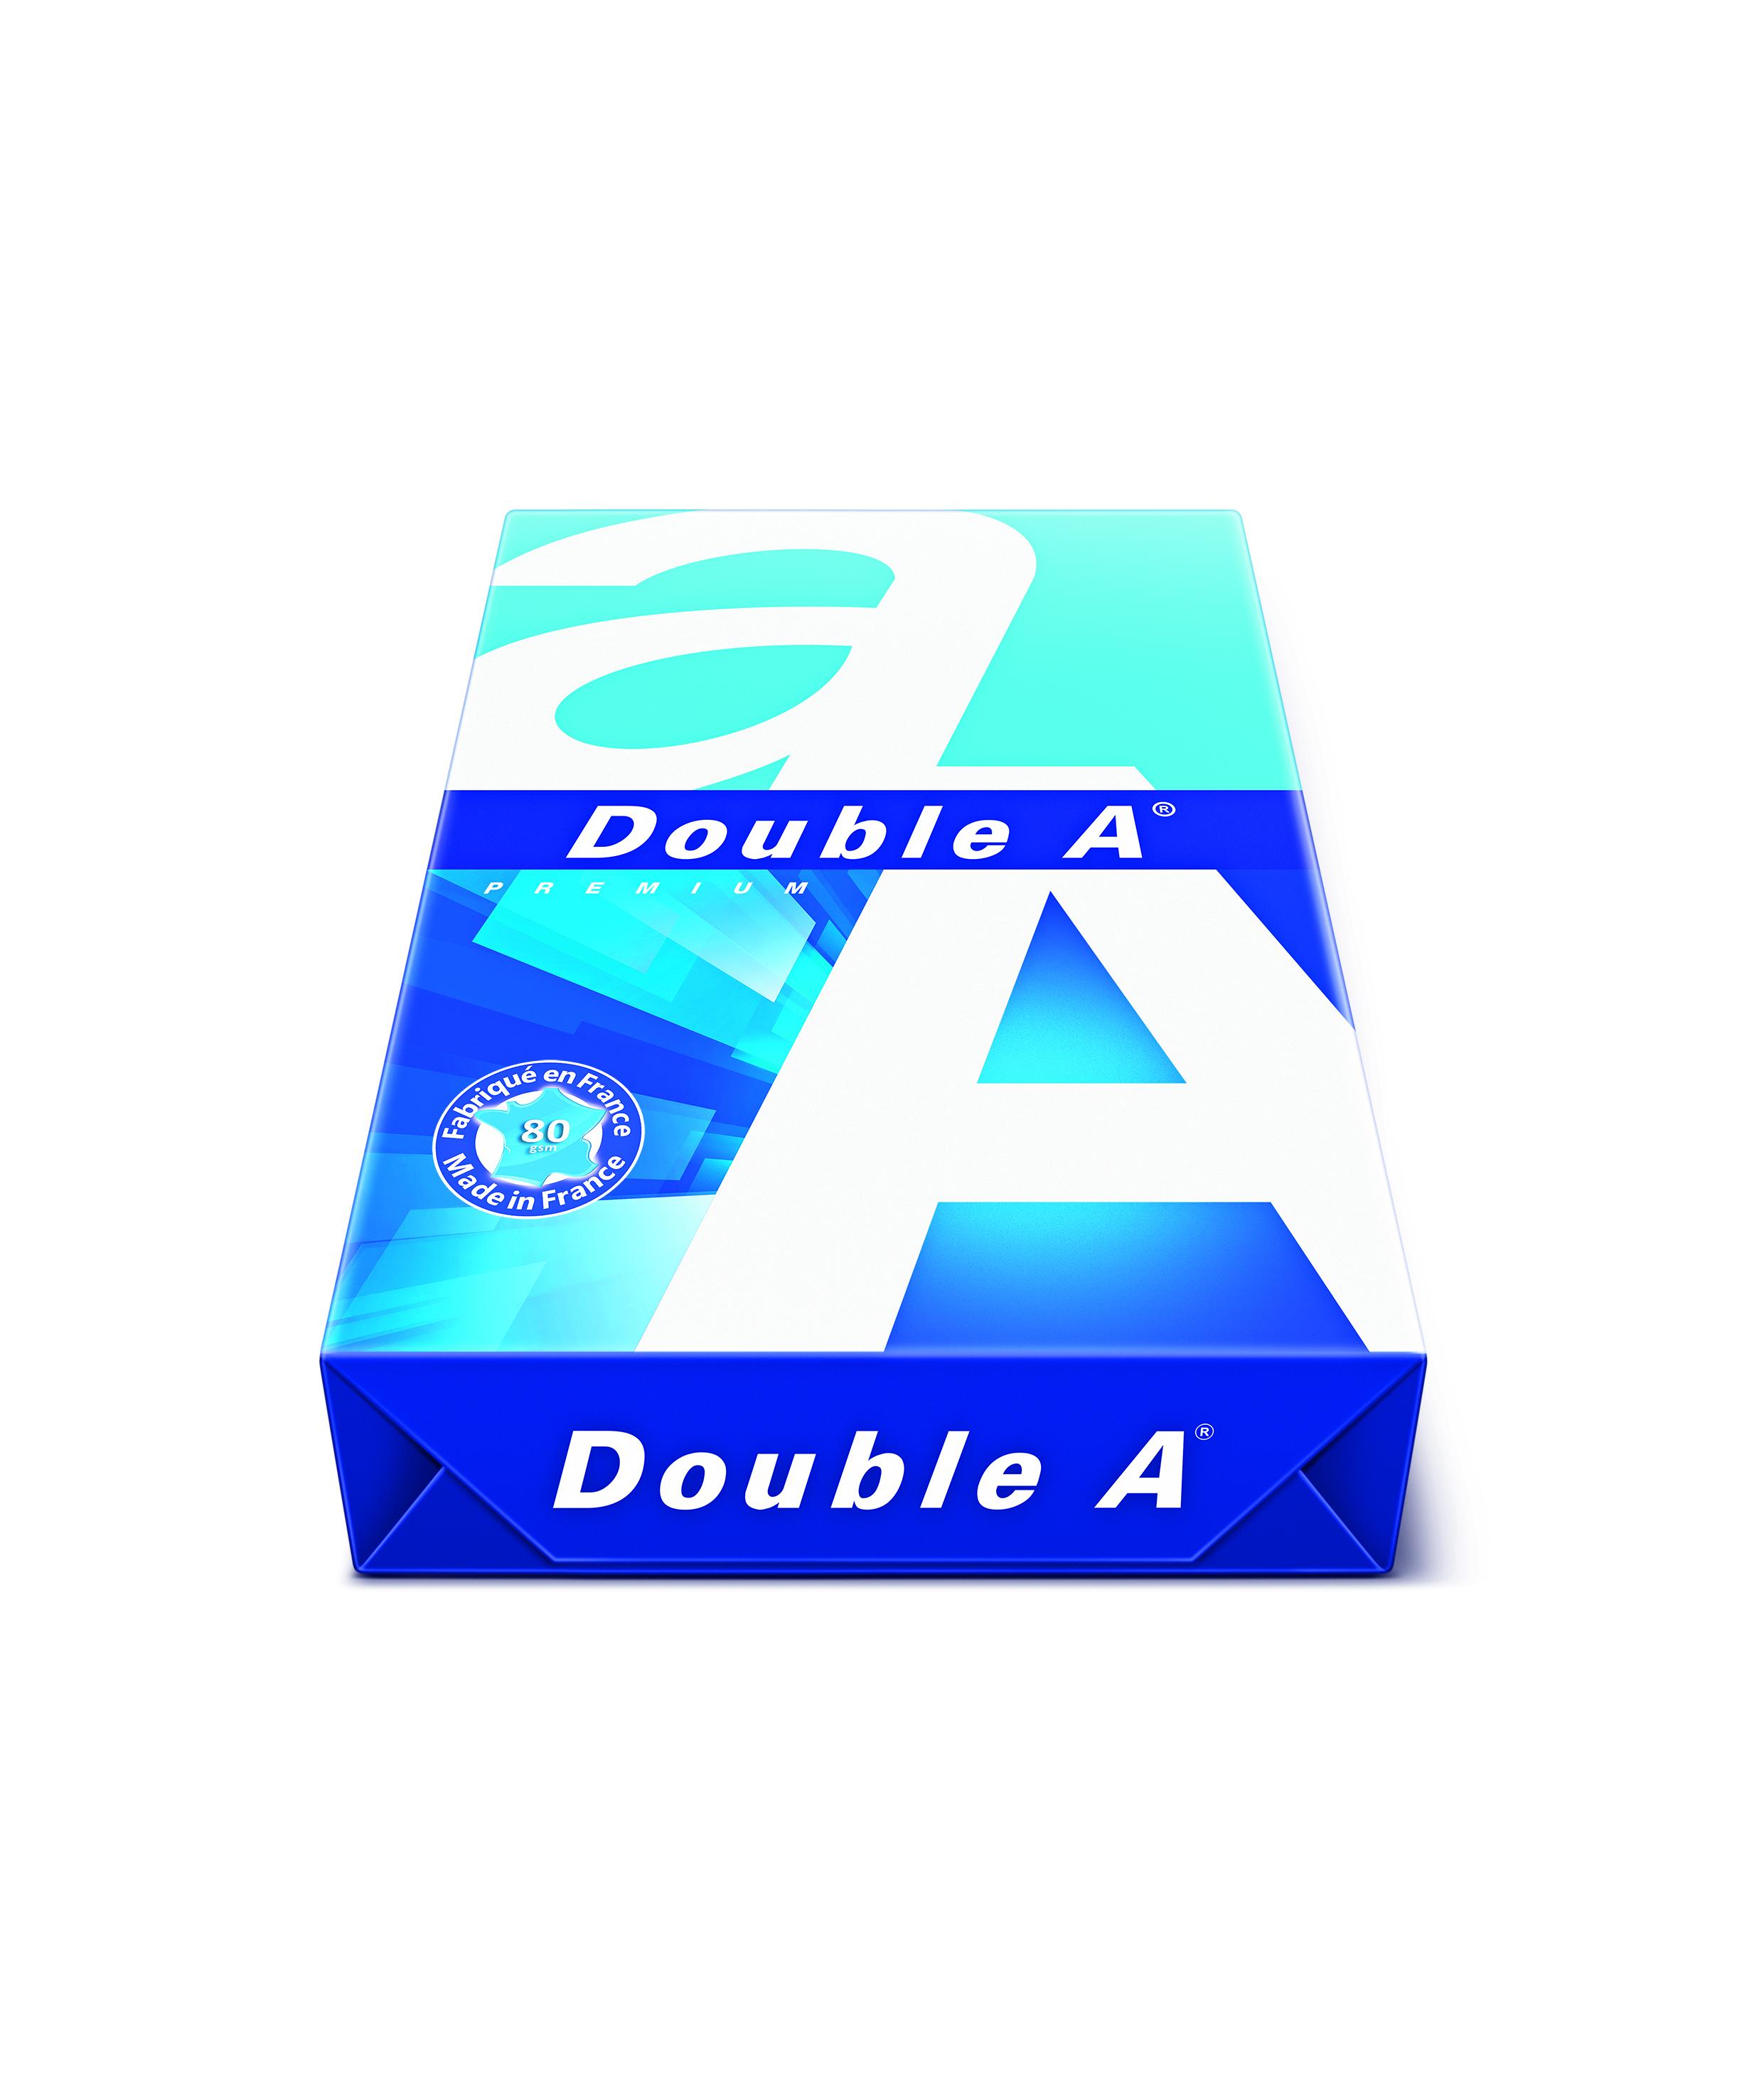 Vorschau: Double A Premium Papier 80g/m² DIN-A4 weiß 500 Blatt